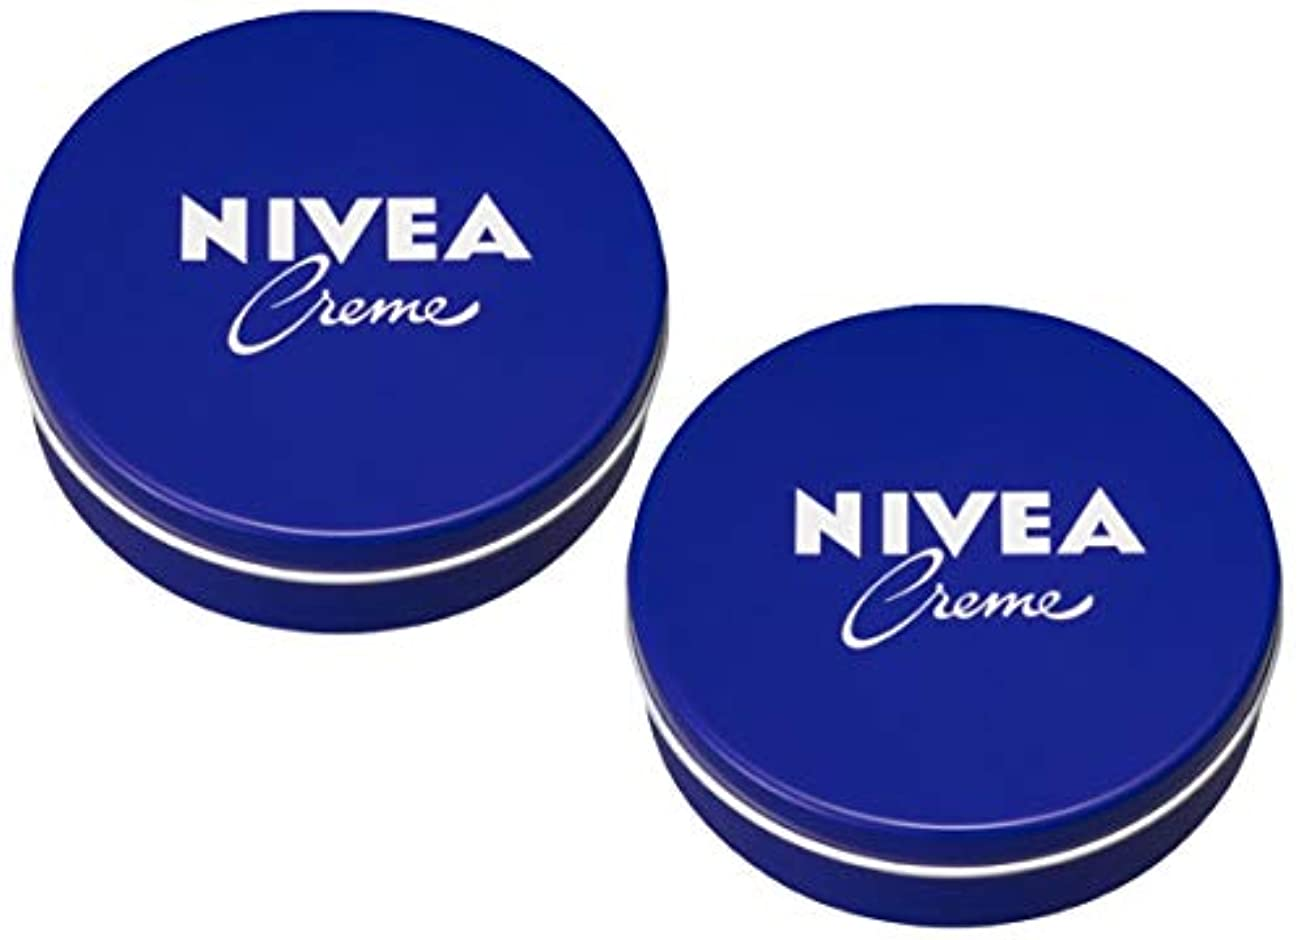 約設定地味なニュース[2缶セット] NIVEA ニベア クリーム 特大サイズ 400g アルミ缶